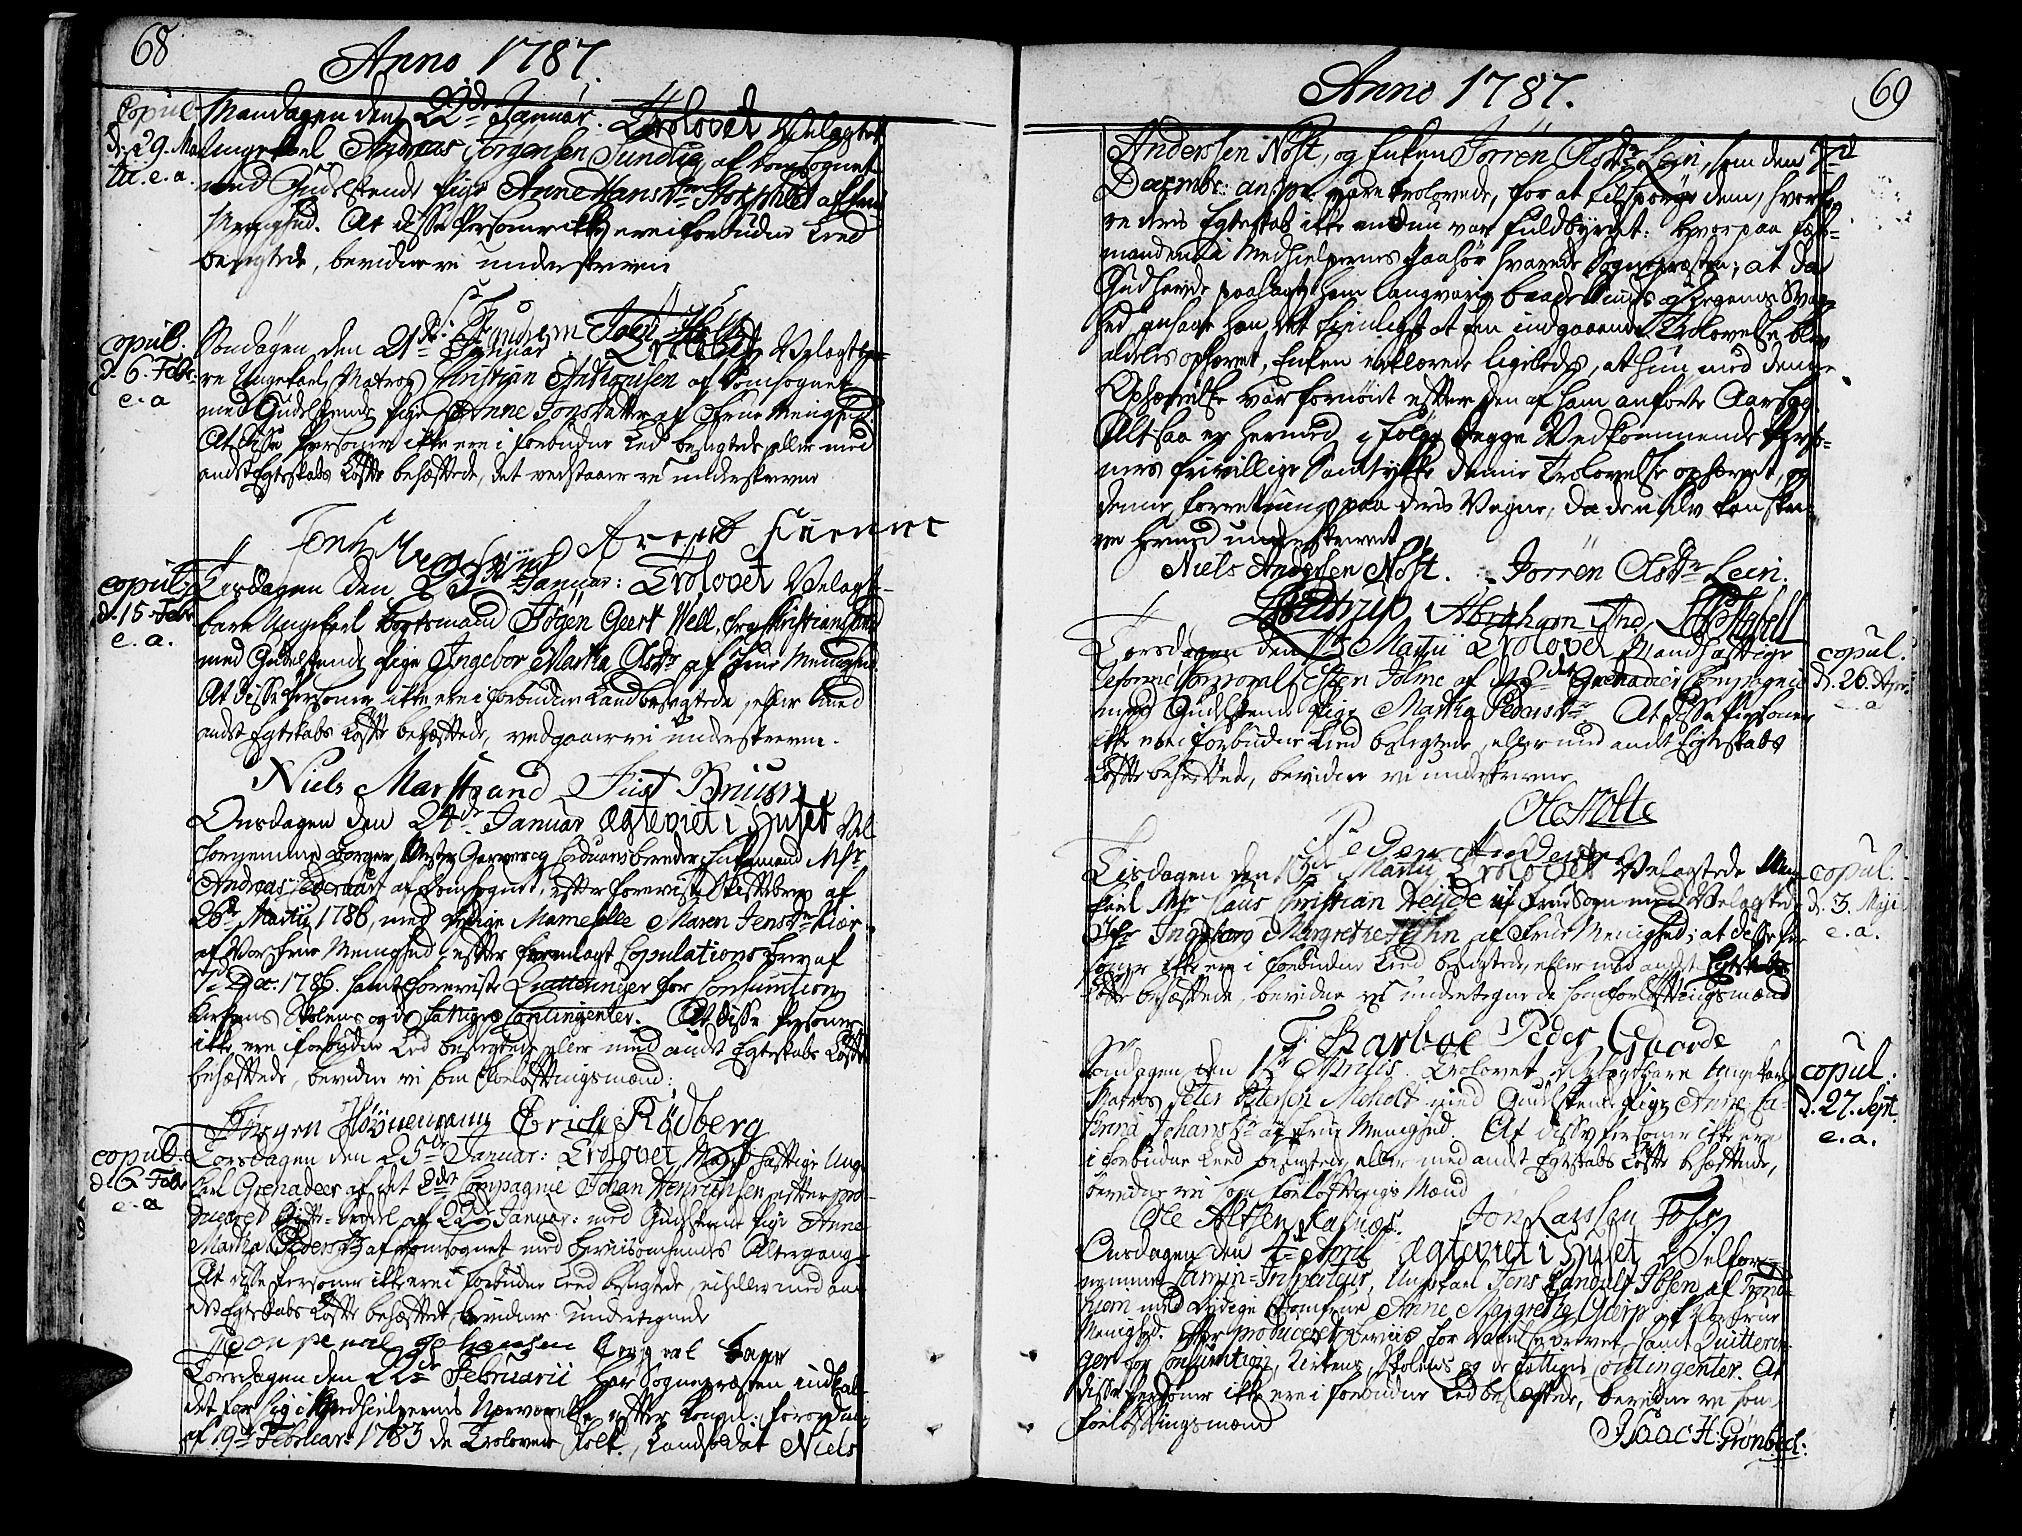 SAT, Ministerialprotokoller, klokkerbøker og fødselsregistre - Sør-Trøndelag, 602/L0105: Ministerialbok nr. 602A03, 1774-1814, s. 68-69